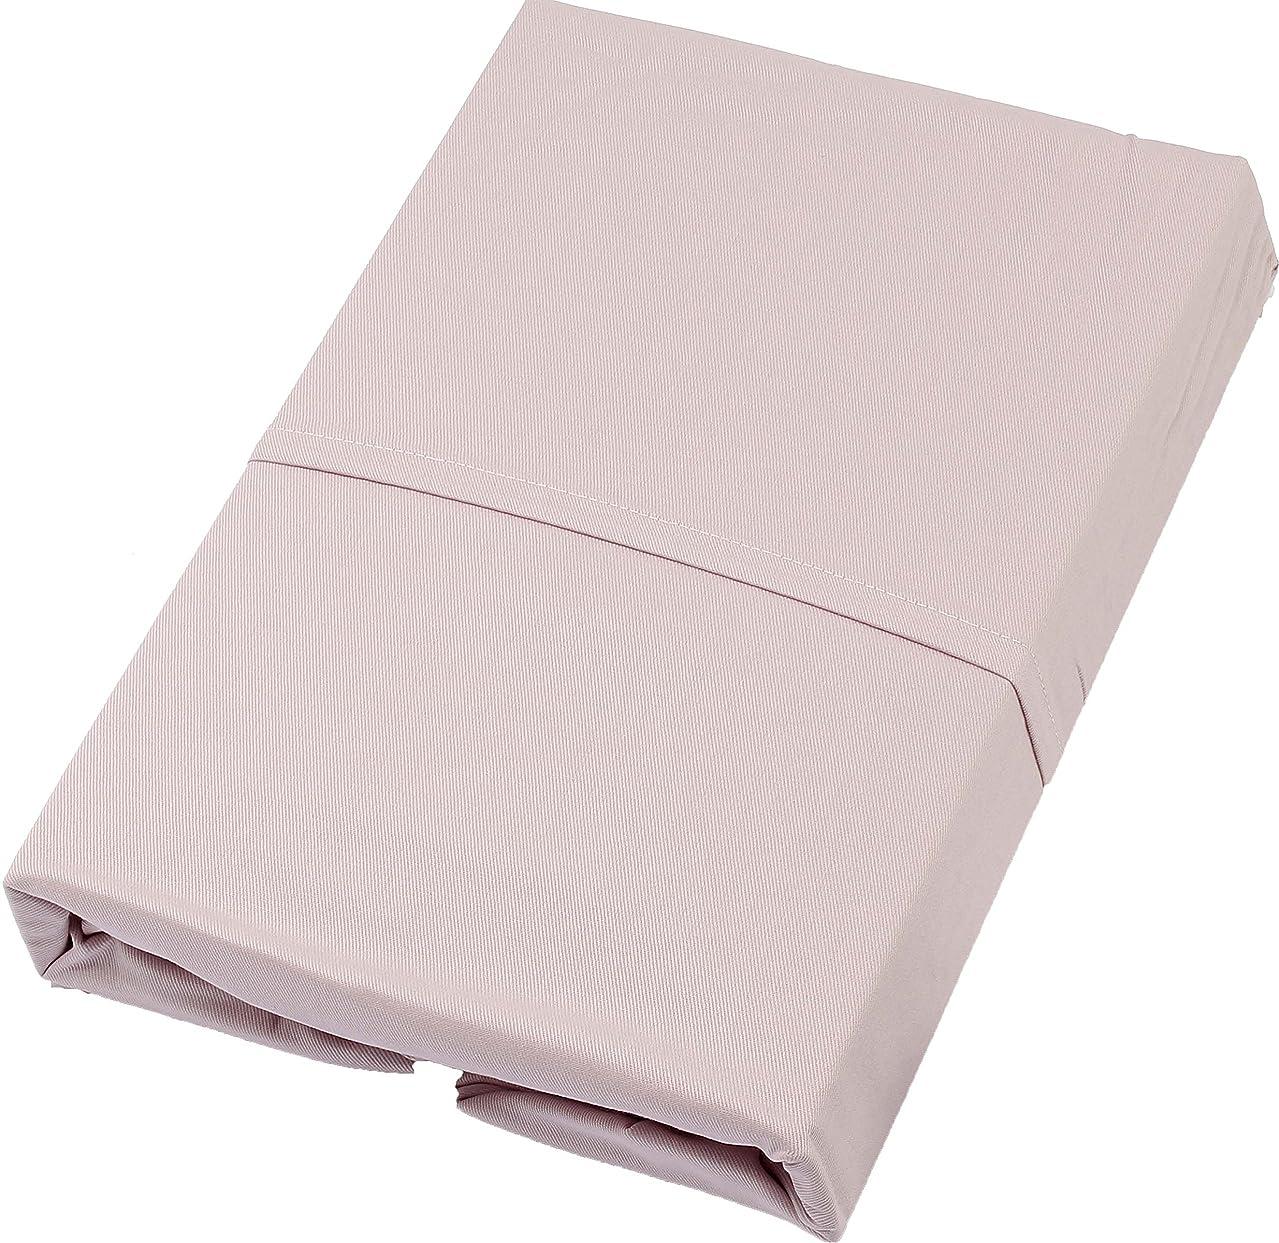 高音ガチョウ薬理学西川(Nishikawa) ピンク セミダブル120×200×30cm 京都西川 ベッドシーツ ボックスシーツ 洗える 綿100% TW-B-SD